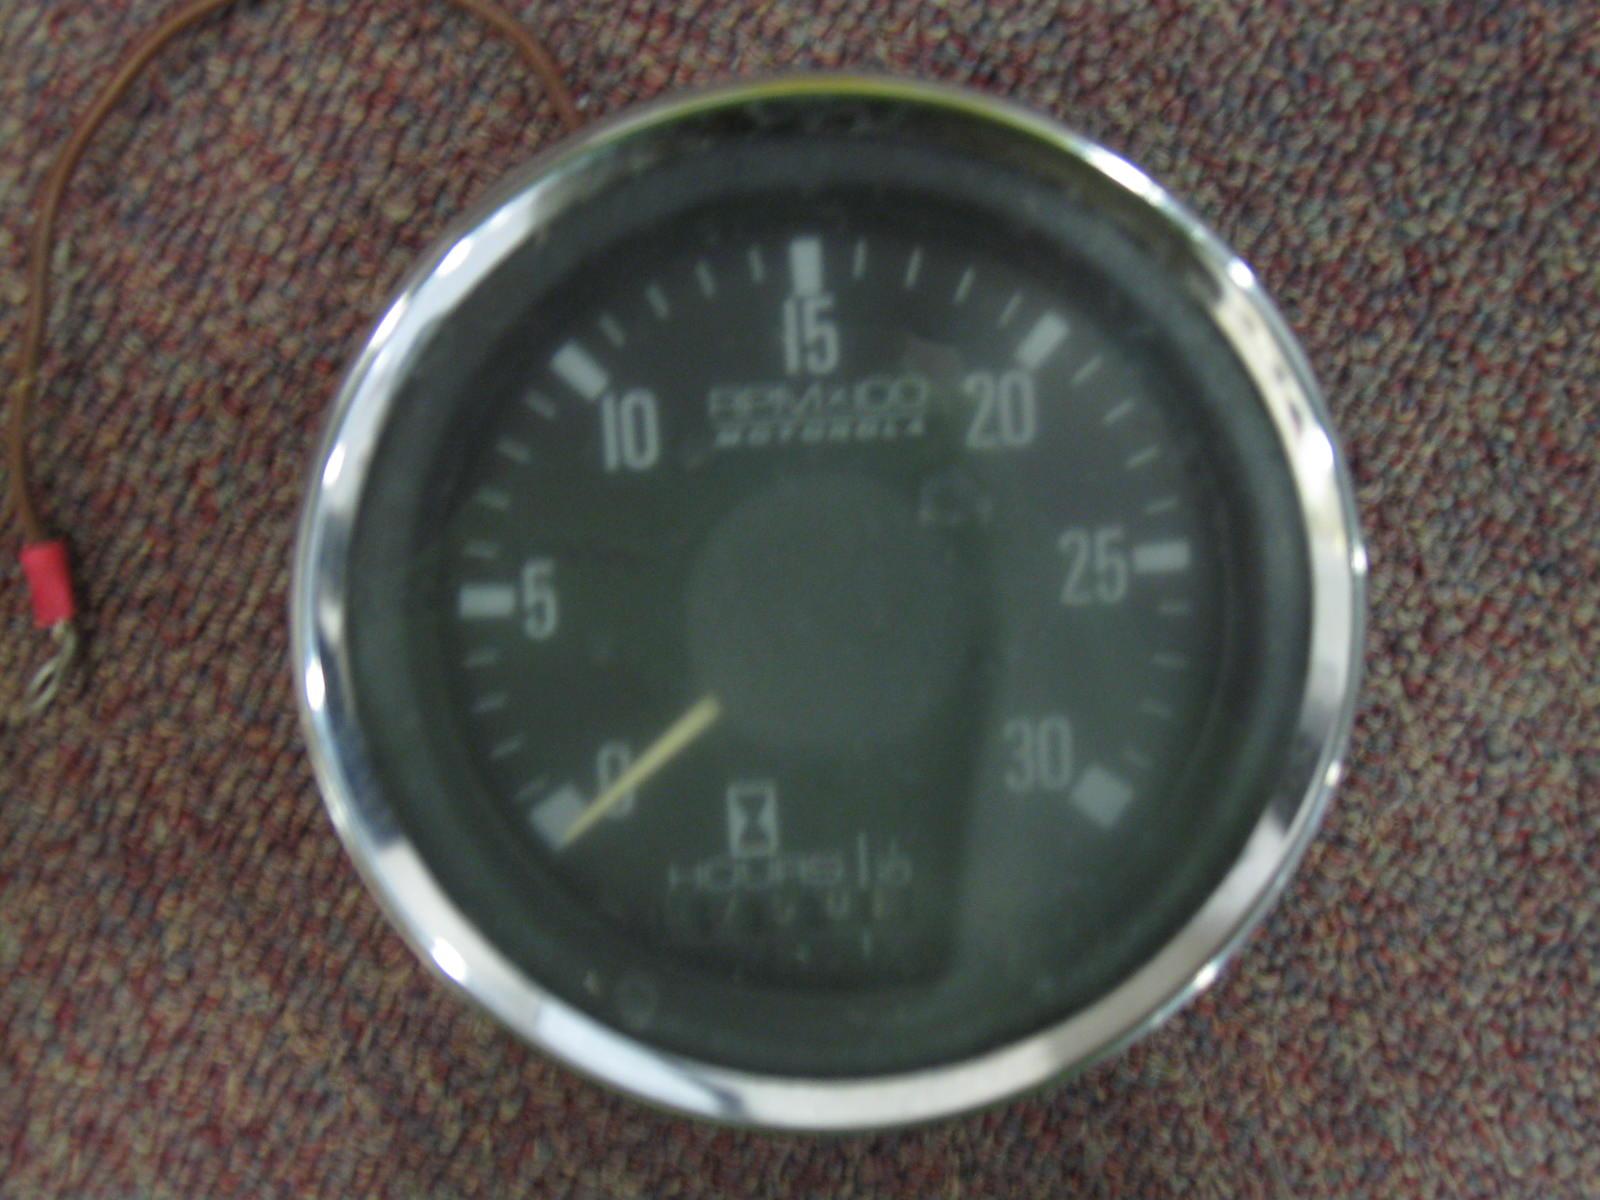 Motorola Tachometer Wiring Diagram